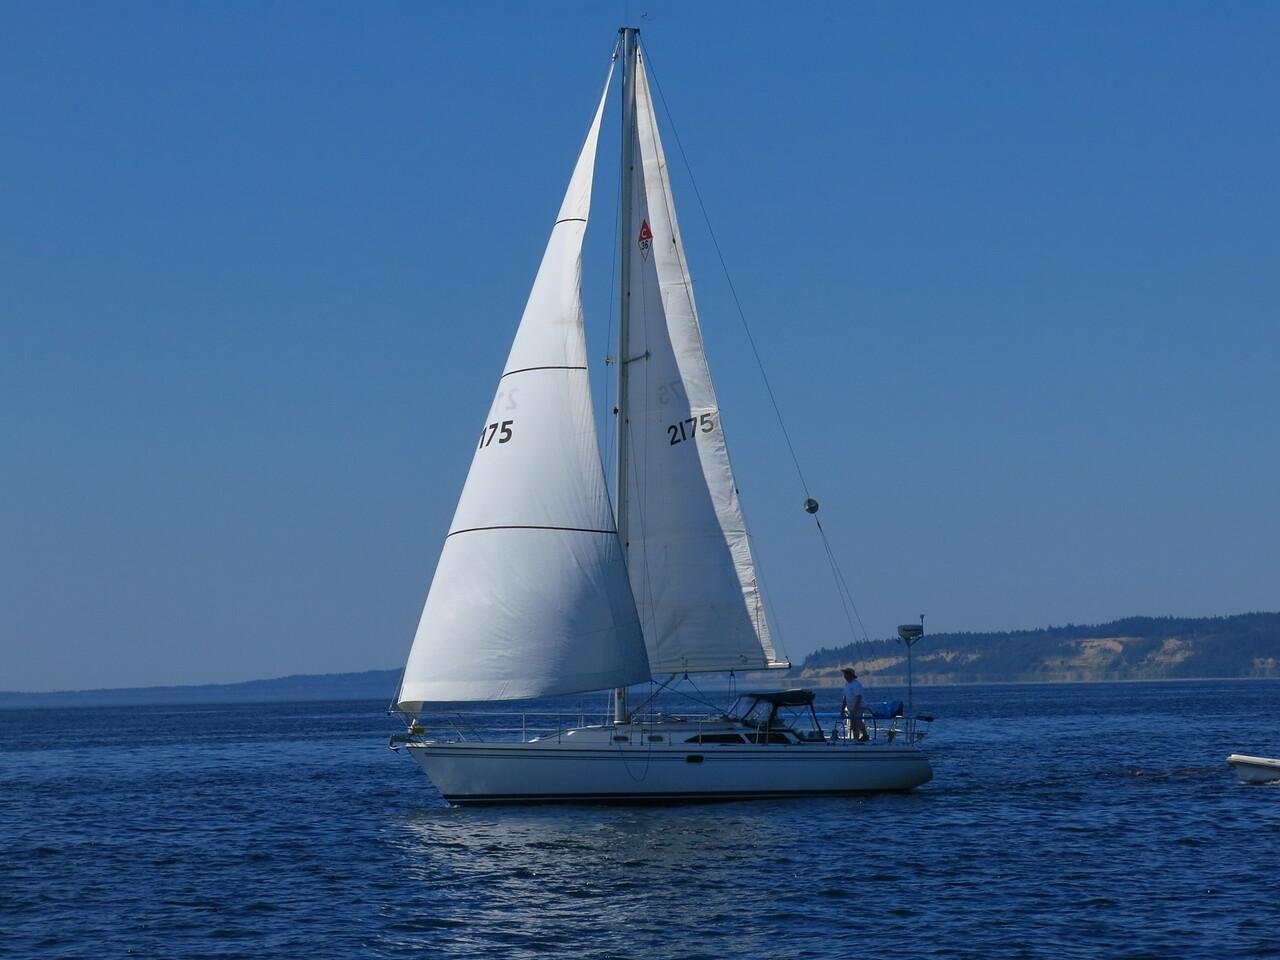 2015-07-03_Sail (17)